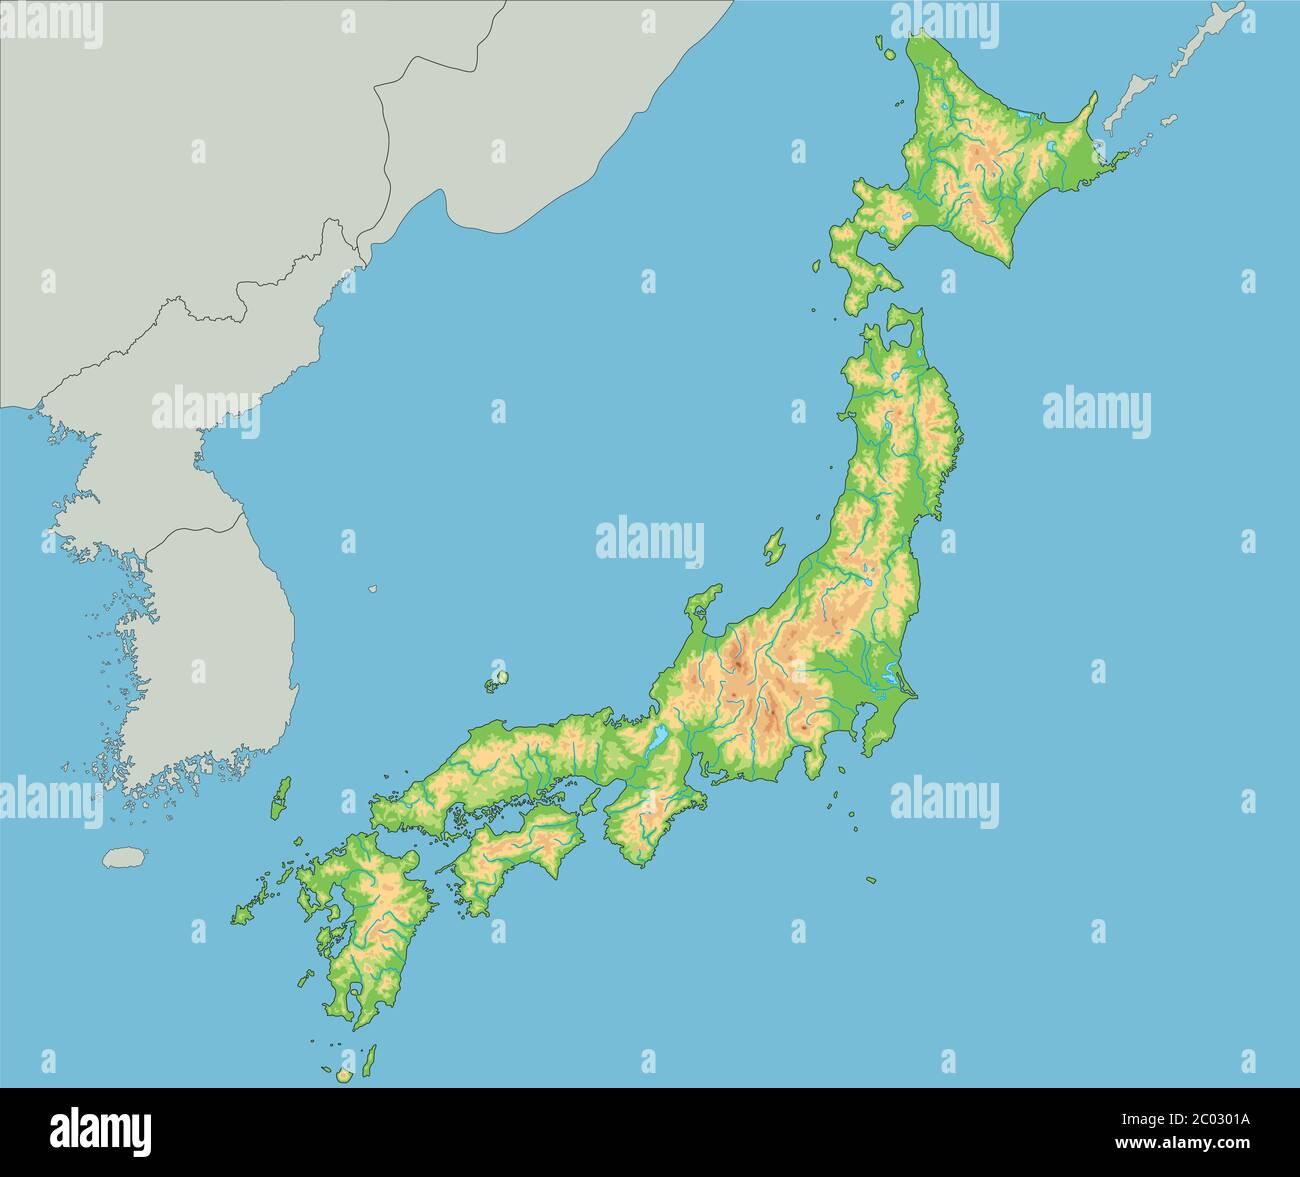 Cartina Giappone In Italiano.Mappa Fisica Del Giappone Dettagliata Immagine E Vettoriale Alamy